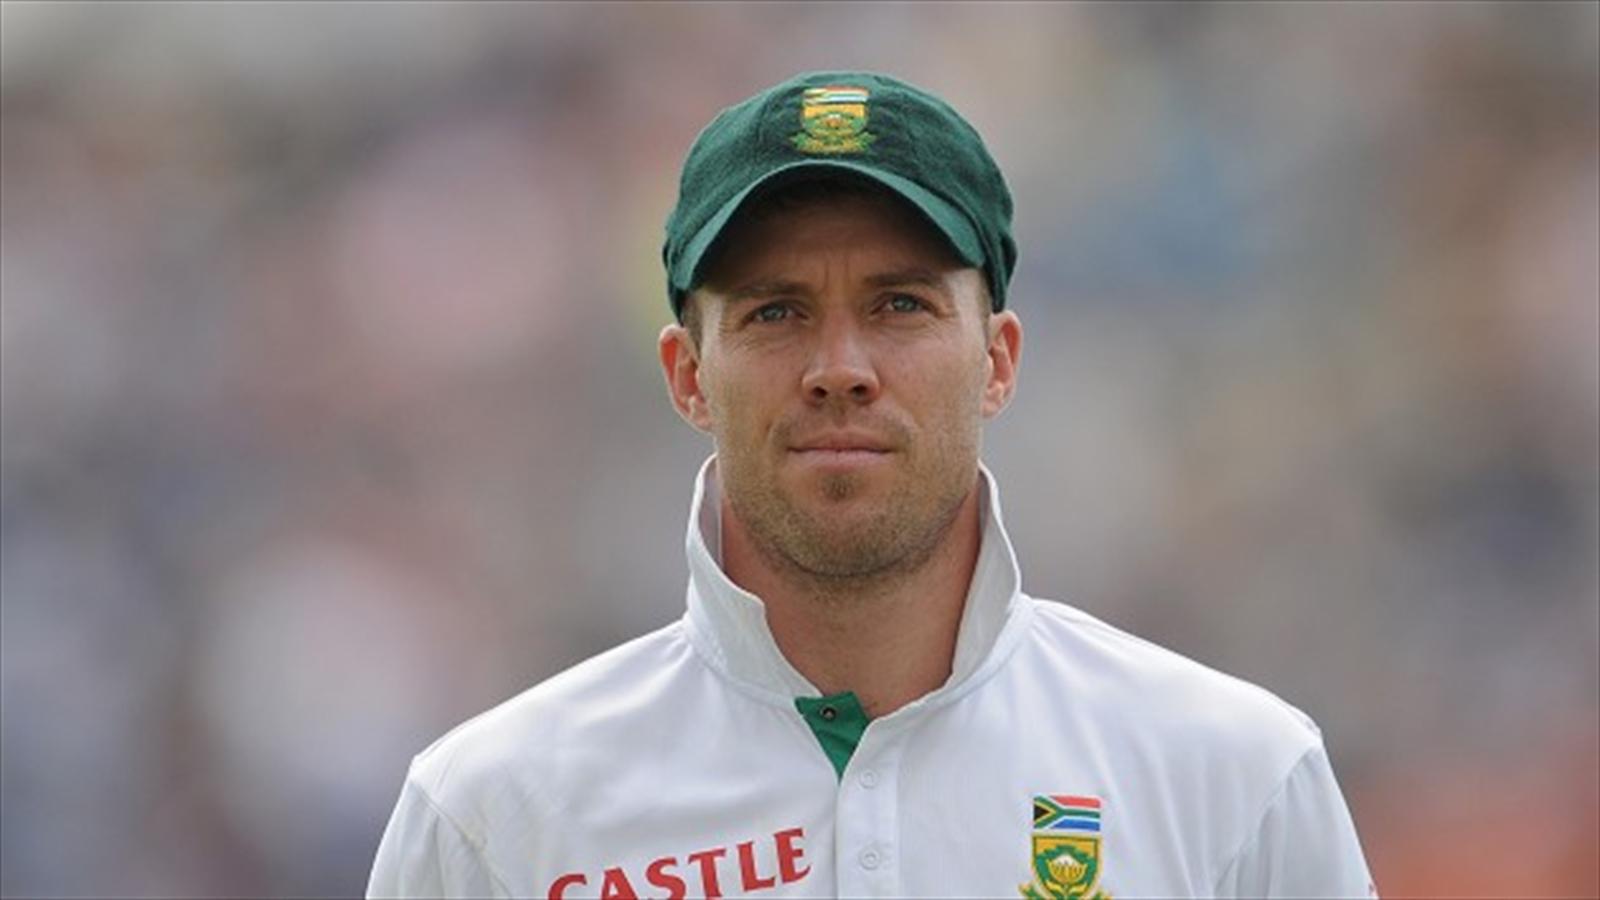 ब्रेकिंग न्यूज़: ए बी डीविलियर्स ने लिया बड़ा फैसला छोड़ी वनडे क्रिकेट की कप्तानी, खेलते रहेंगे टेस्ट क्रिकेट 1